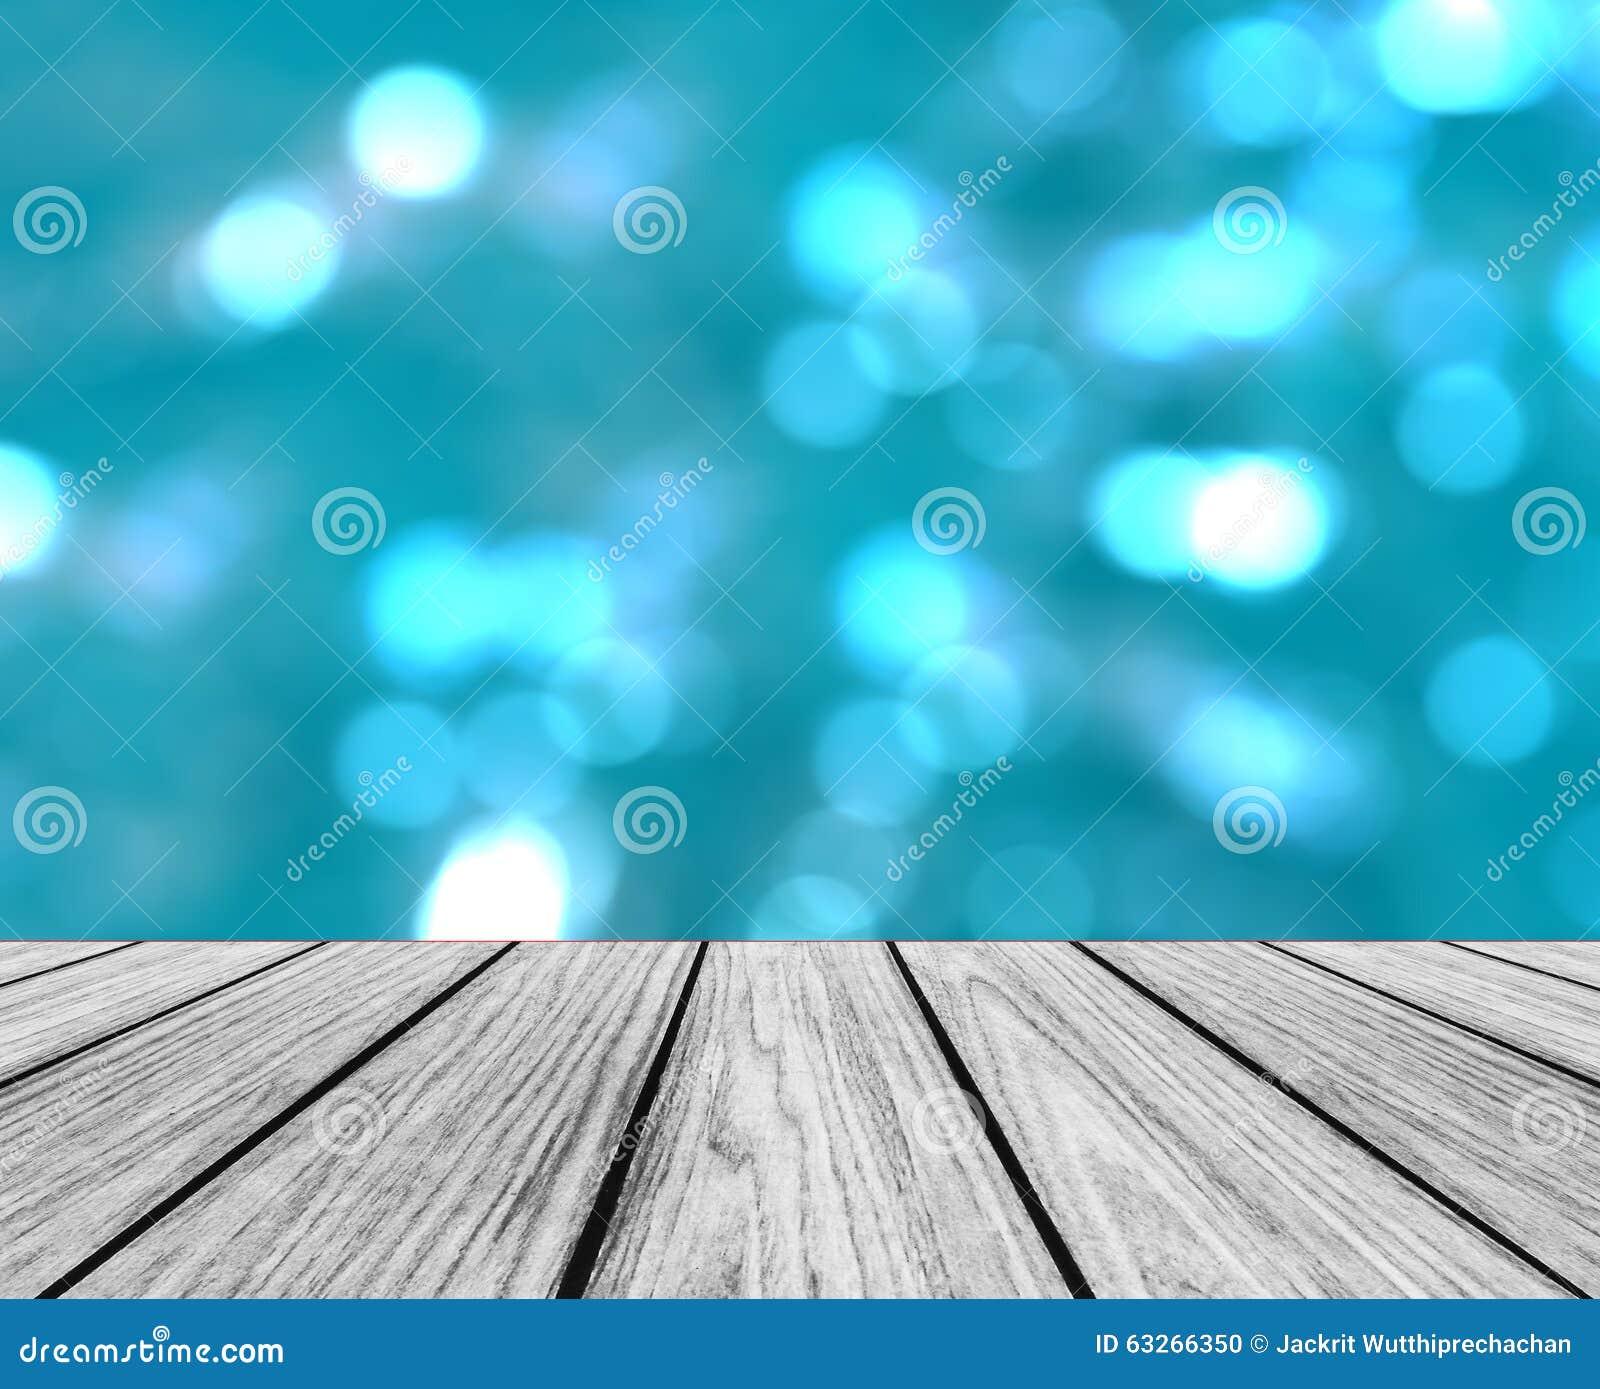 Опорожните деревянную платформу перспективы при сверкная абстрактная красочная круглая светлая предпосылка кругов Bokeh используе